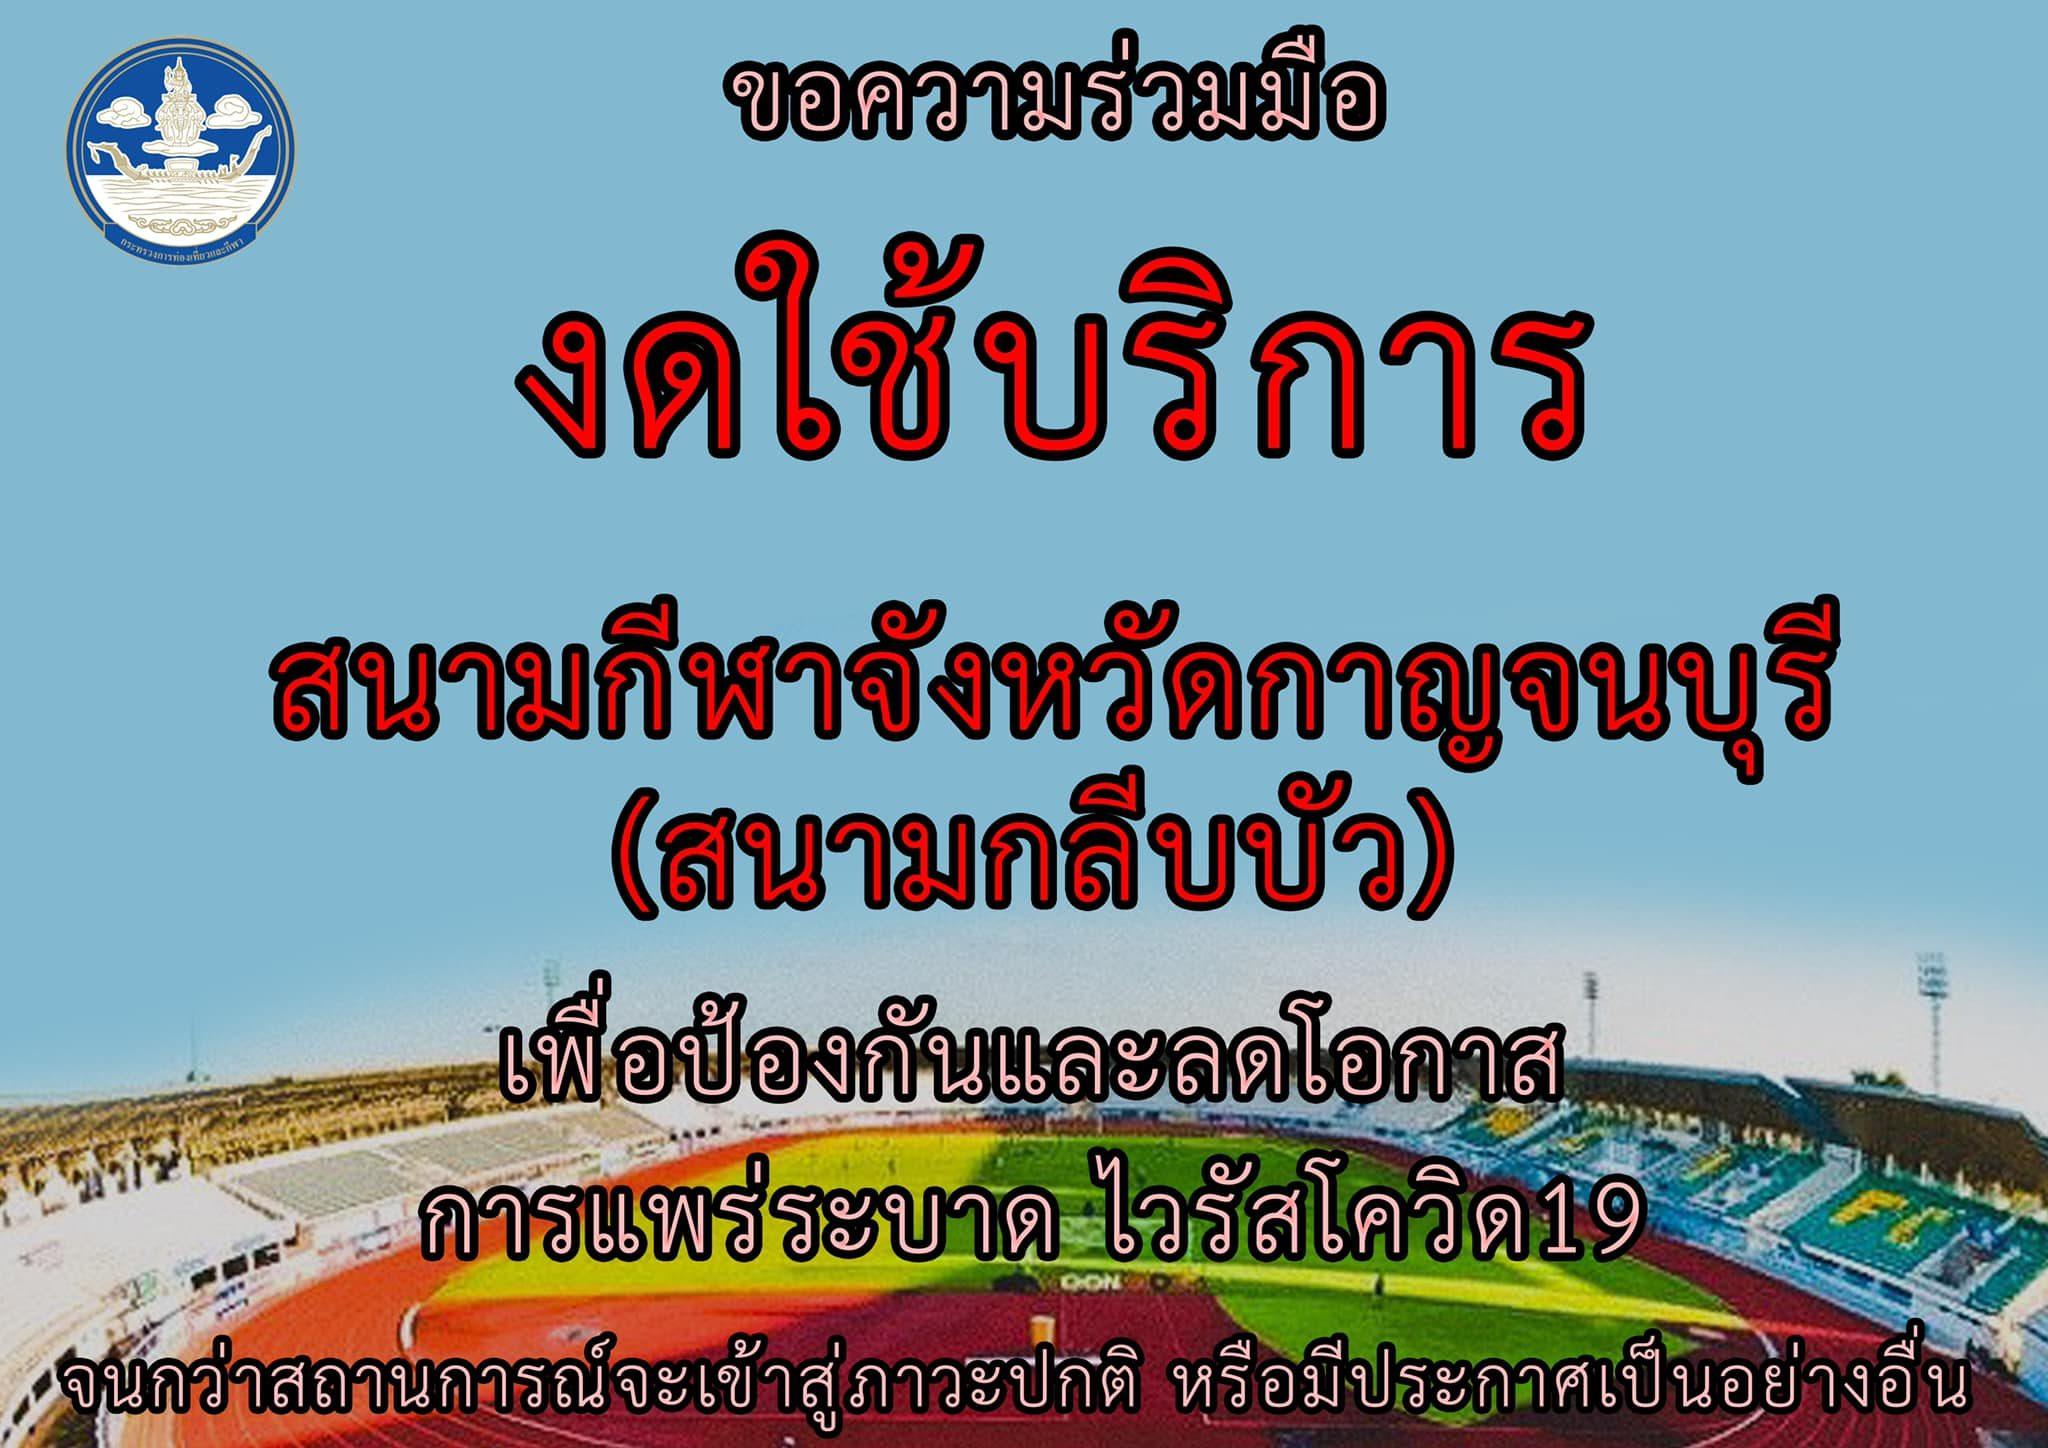 กาญจนบุรี ประกาศงดใช้สนามกีฬา ป้องกันโควิด-19